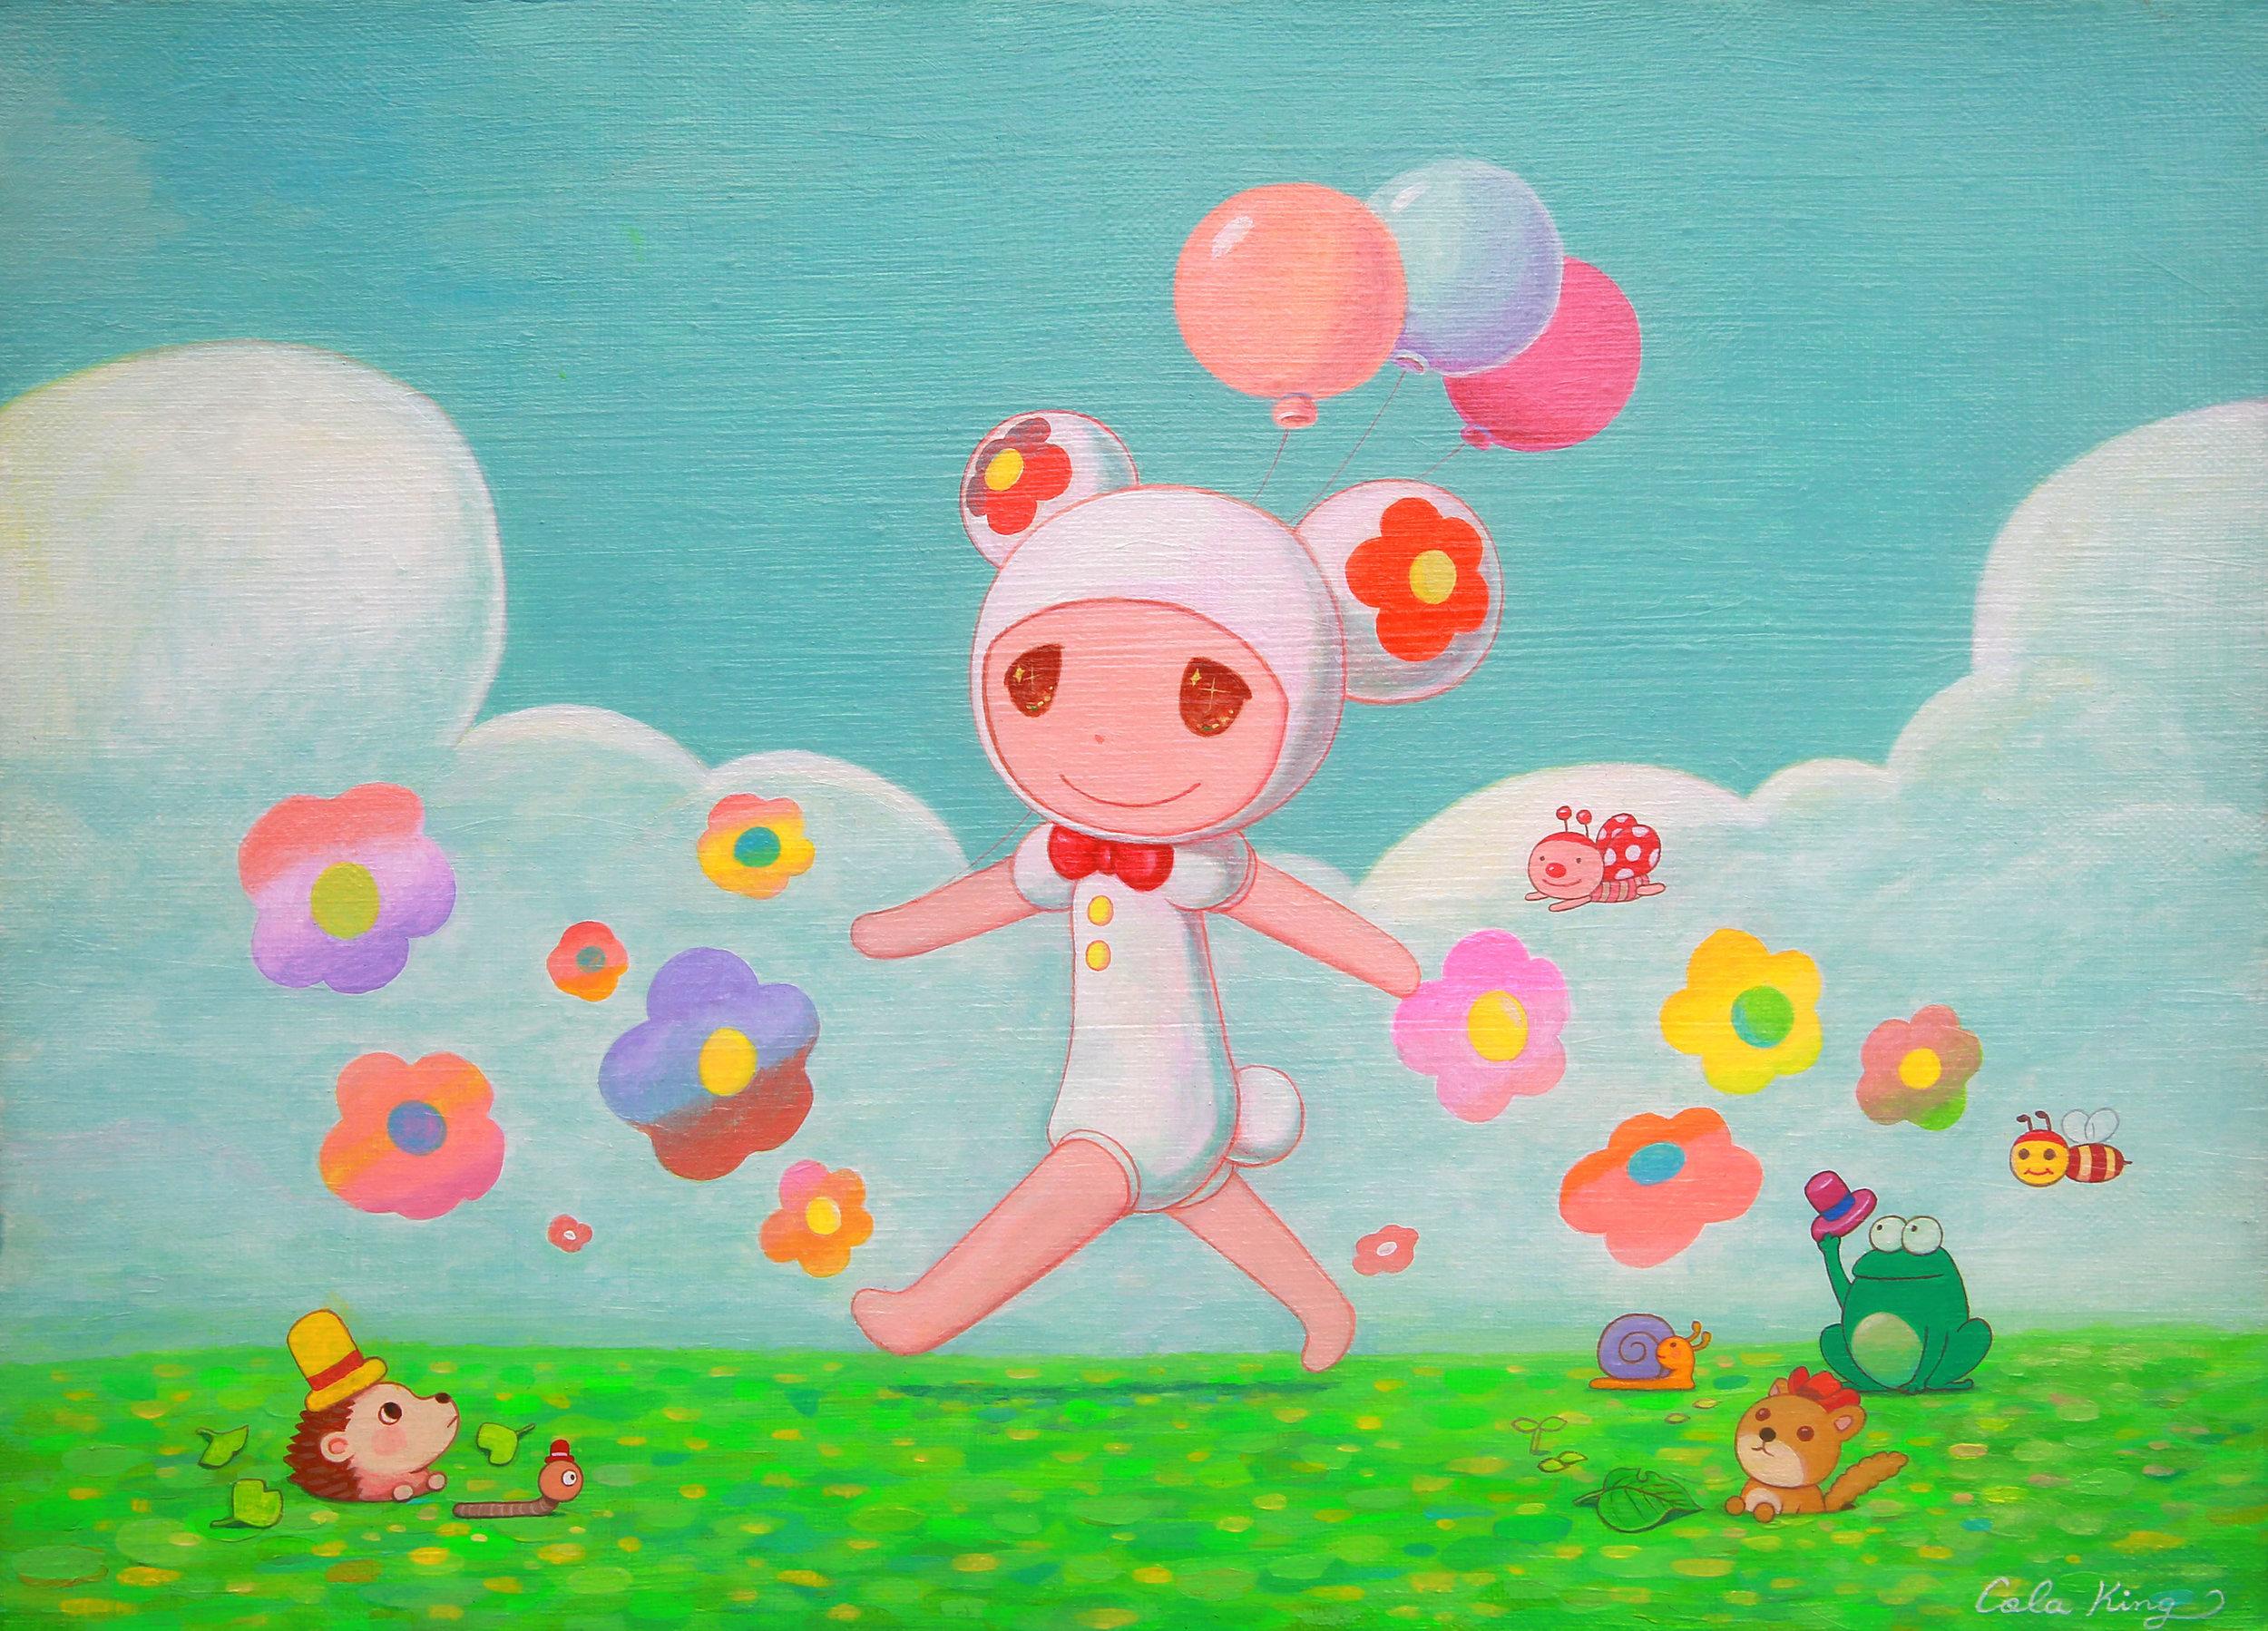 春之頌歌 33.0×24.0cm Acrylic on canvas 2019